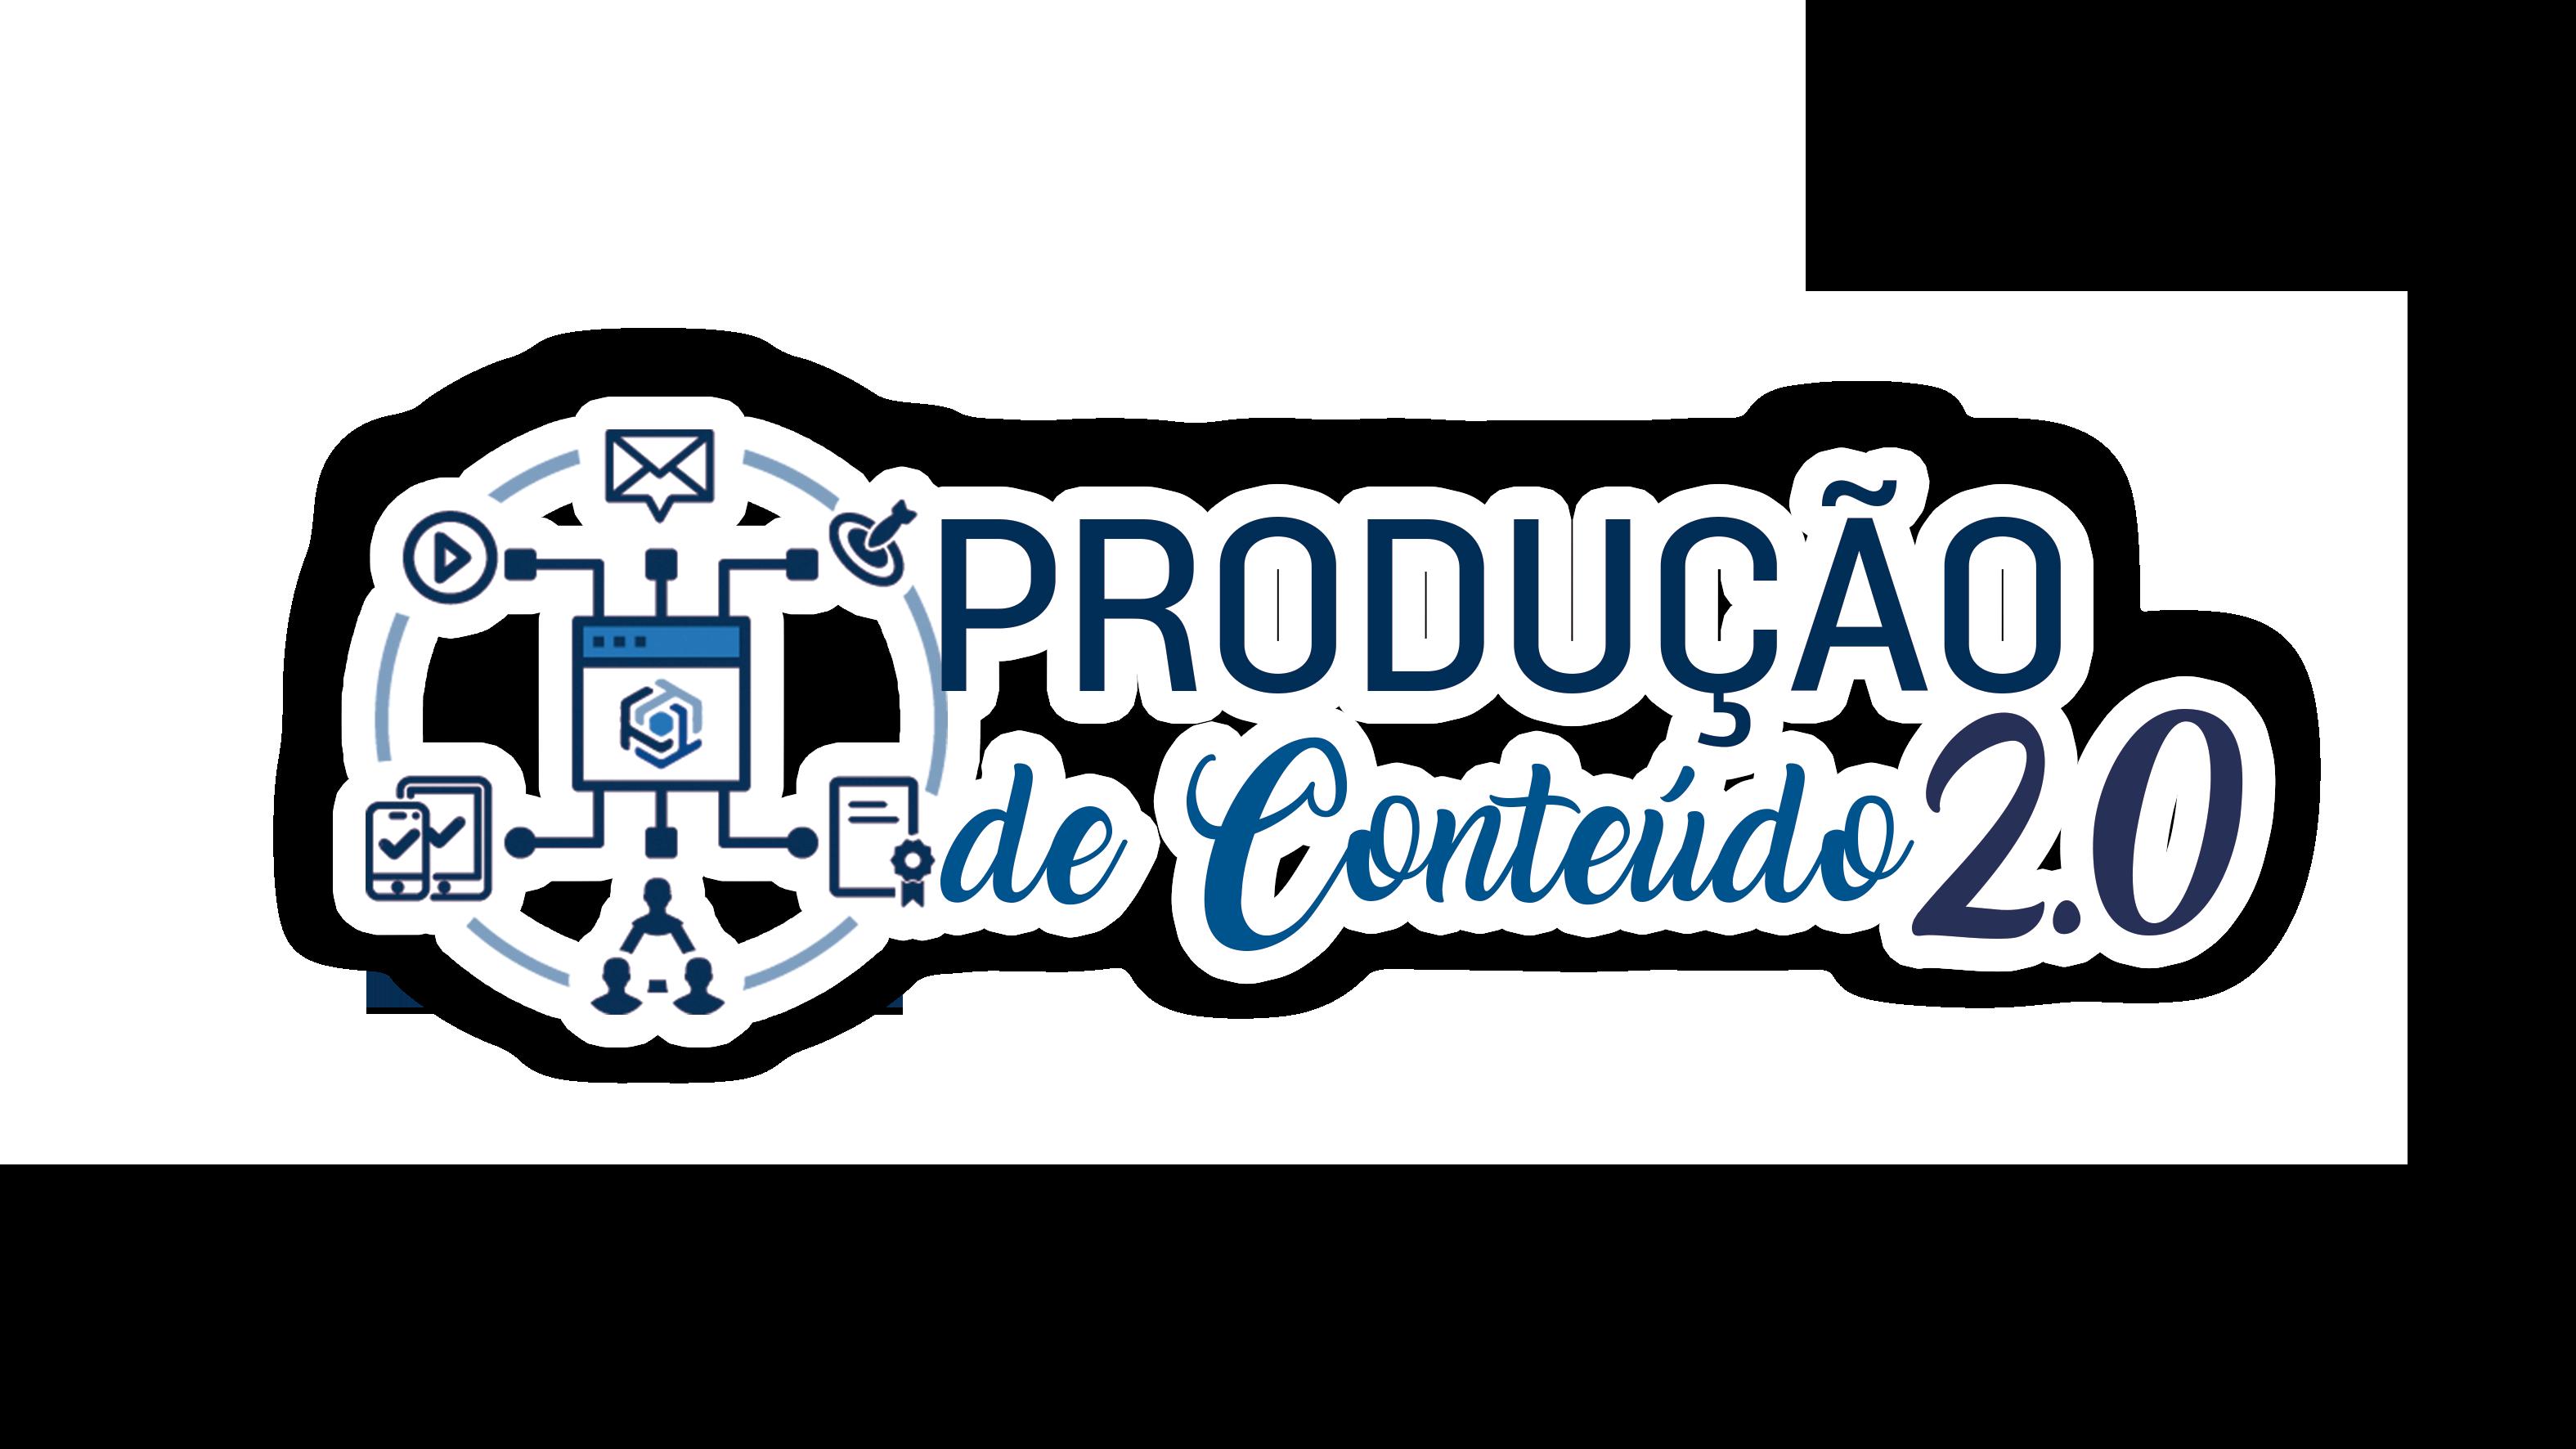 Produção de Conteúdo 2.0